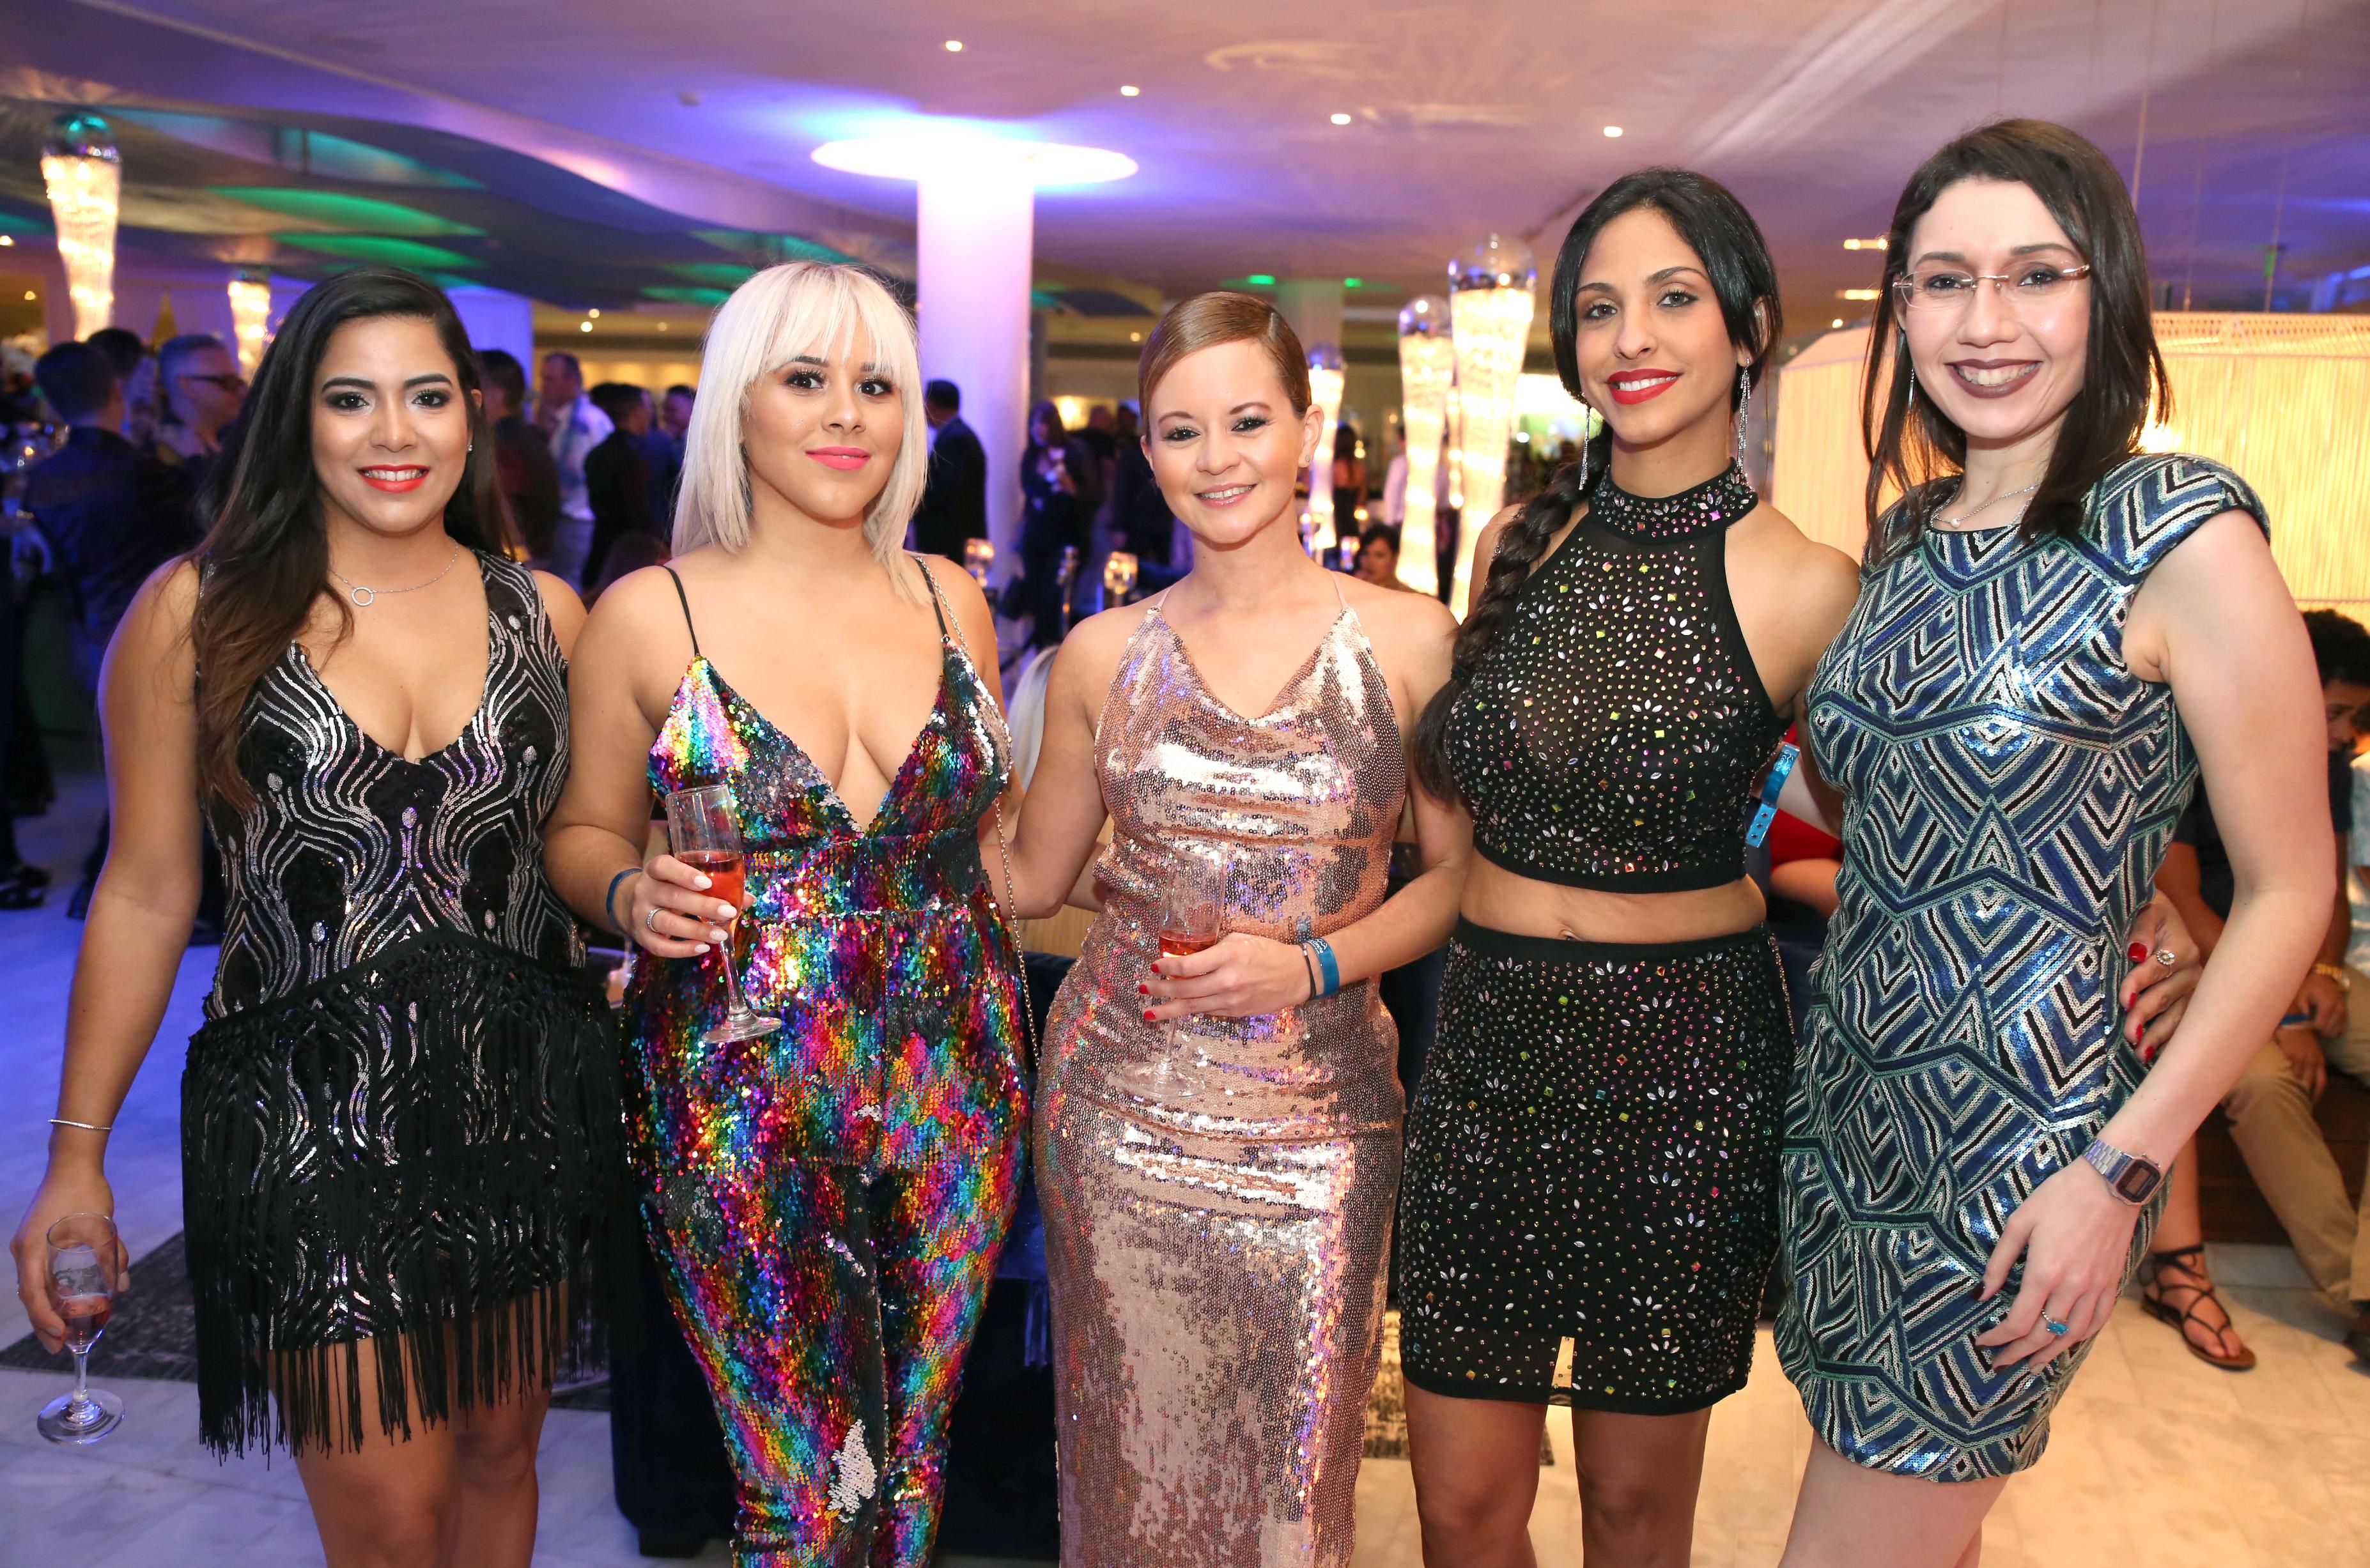 Luz González, Astrid Emmanuelli, Michelle Rodríguez, Yalila Carrasquillo y Nidymar Boscana. Suministradas